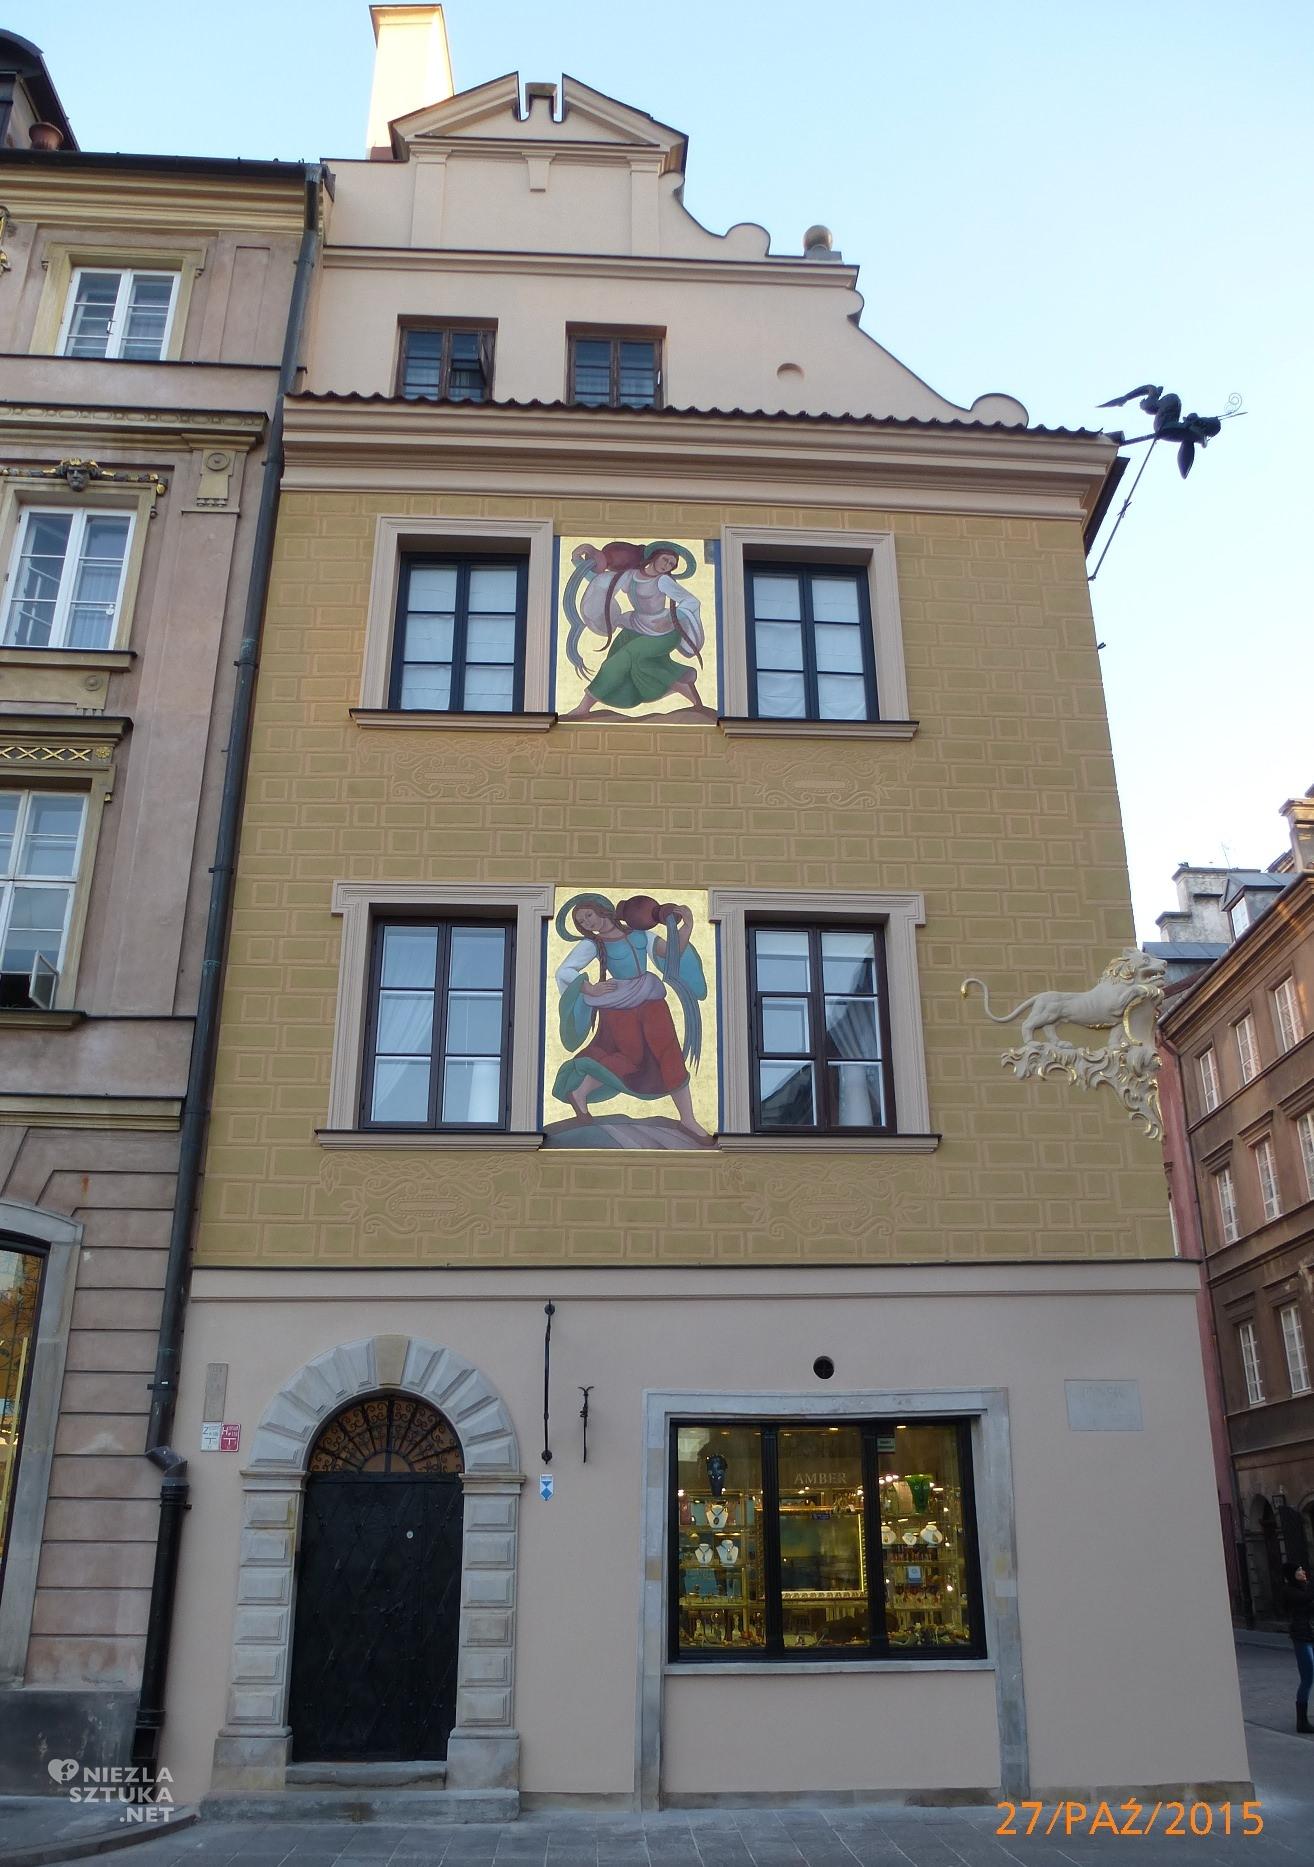 Kamienica pod lwem, Rynek Starego Miasta 13 z polichromiami Zofii Stryjeńskiej